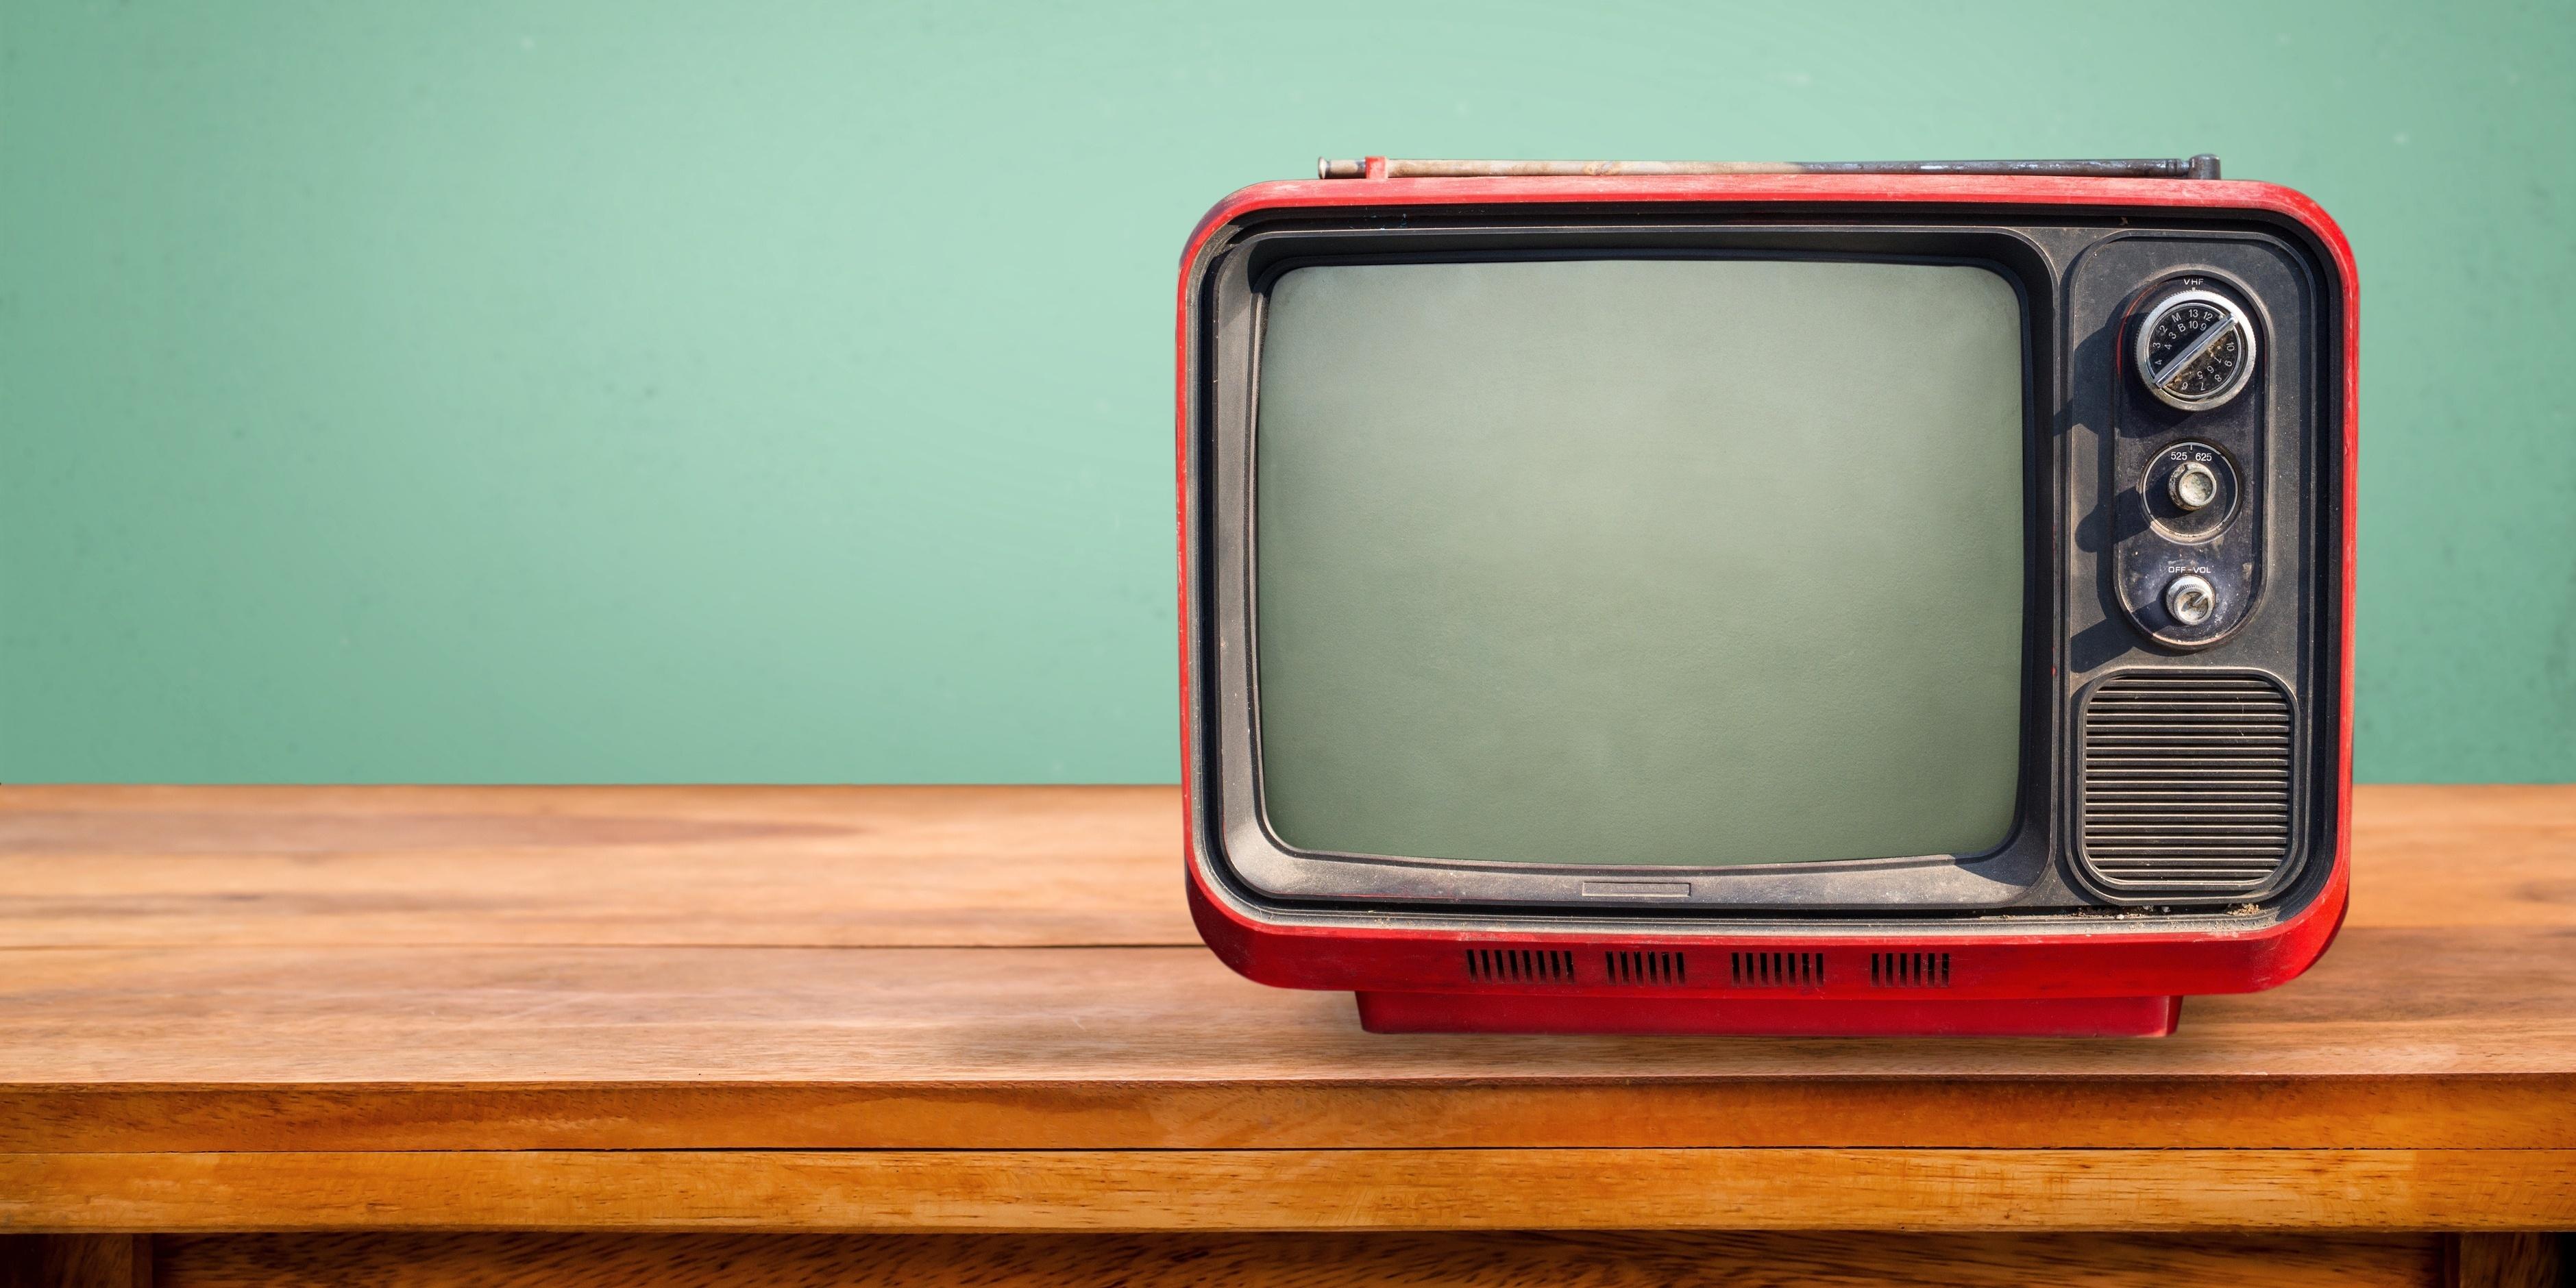 Por qué las agencias deberían abandonar la publicidad e invertir en medios de comunicación propios